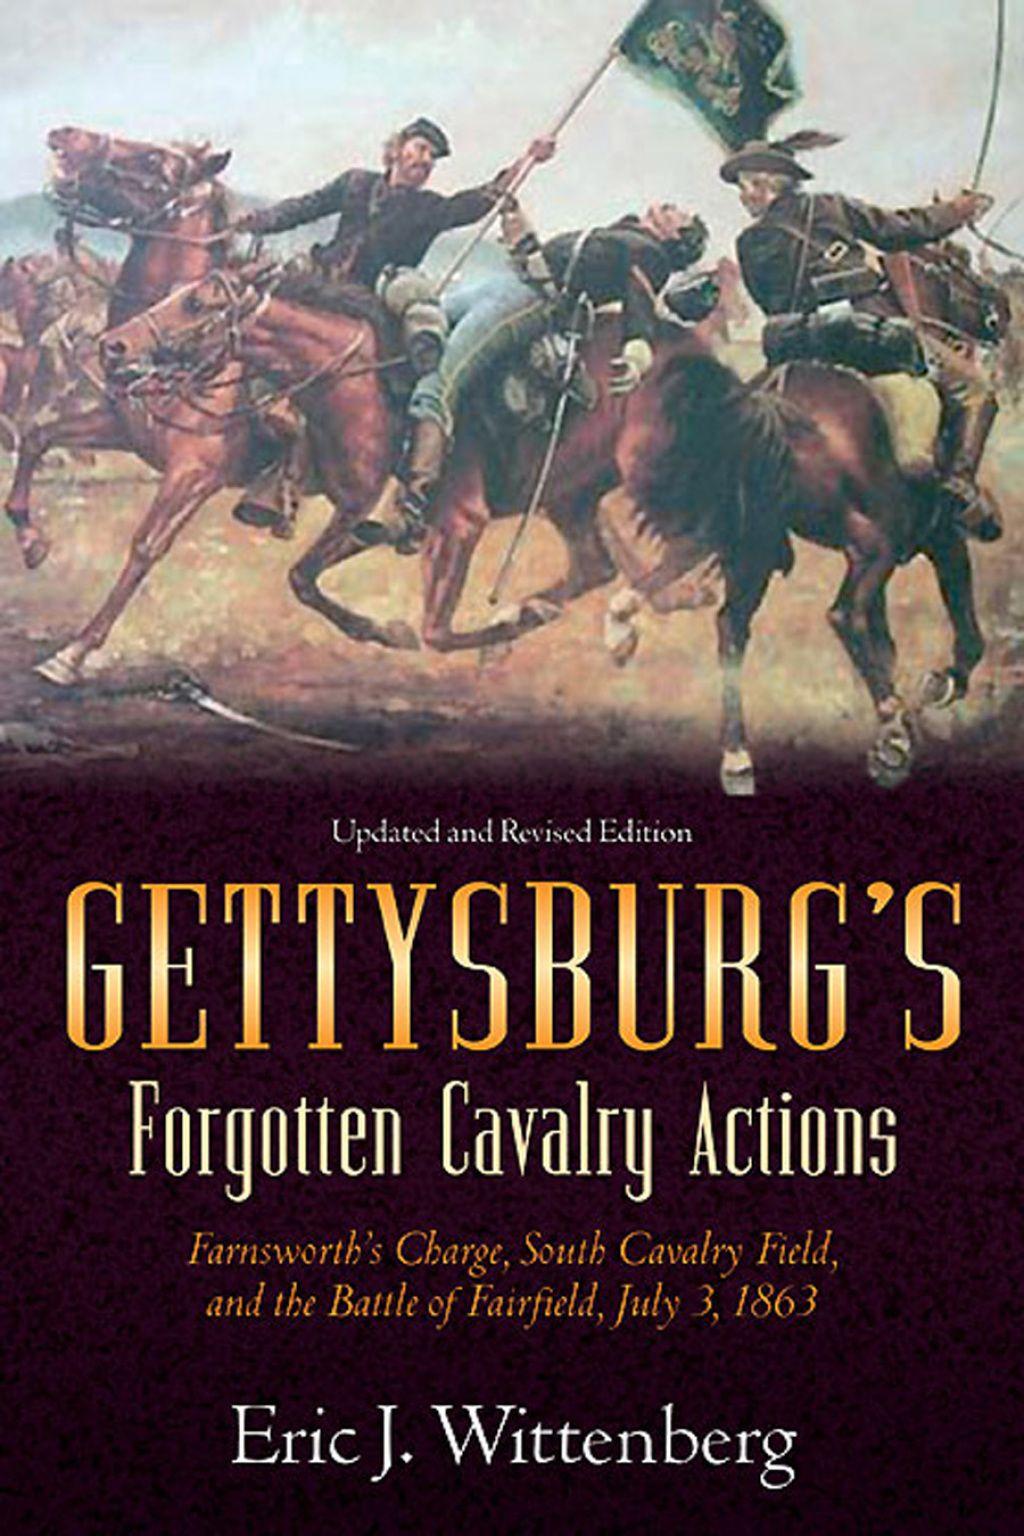 Gettysburgs cavalry actions ebook